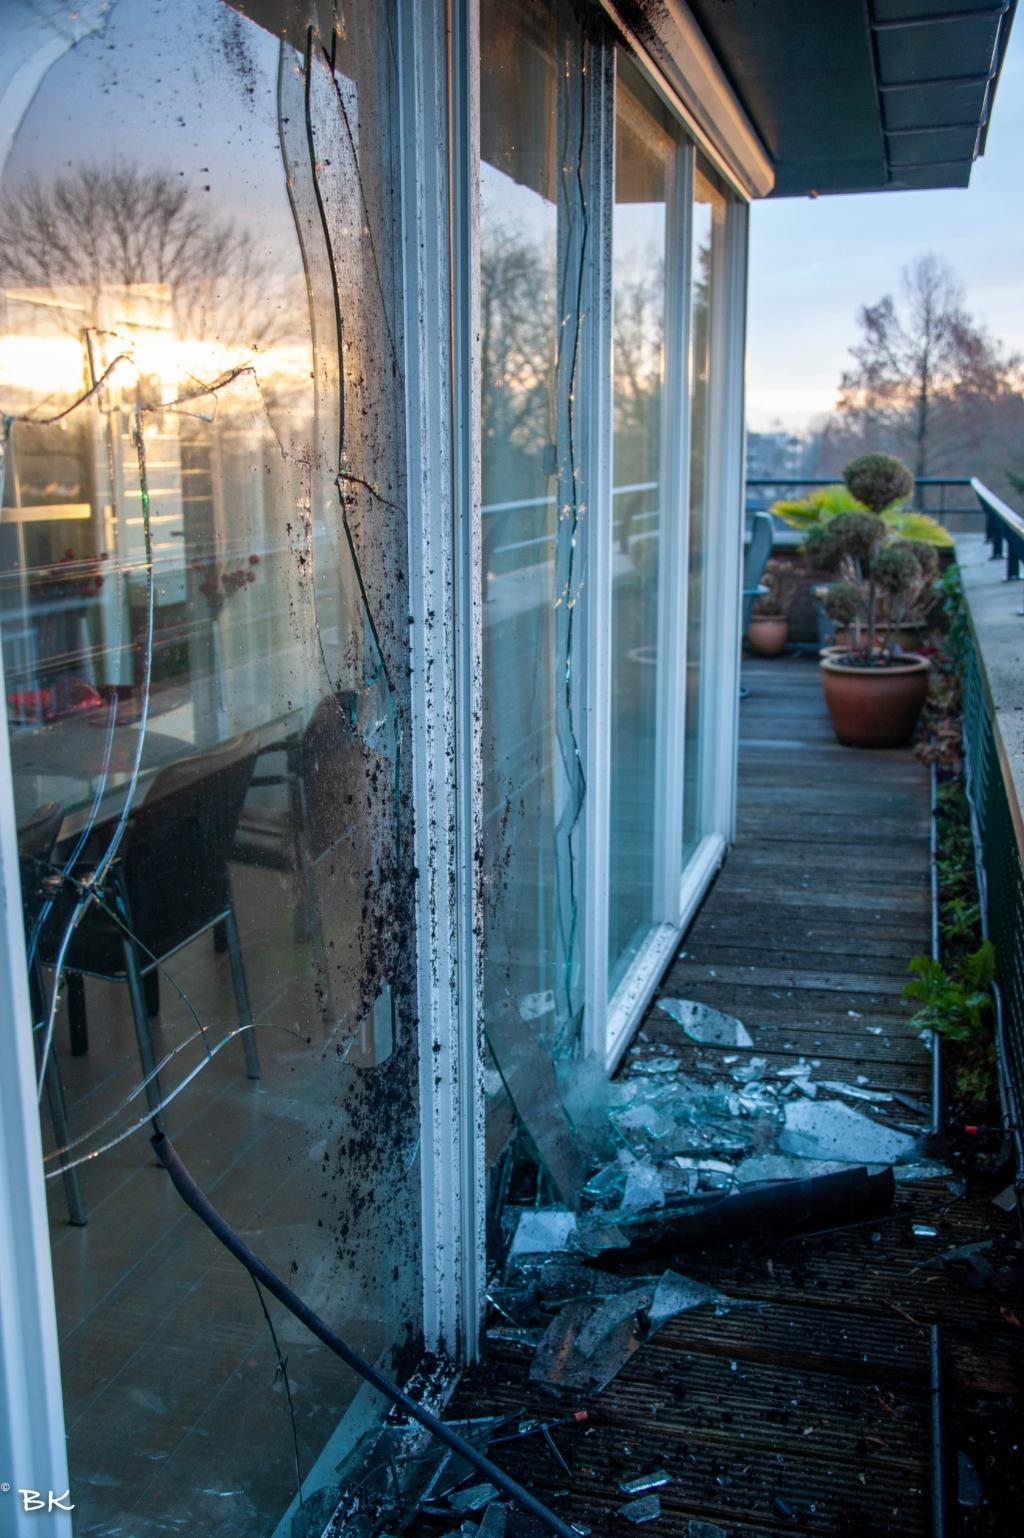 De ravage (1) Betting Kroese © BDU media